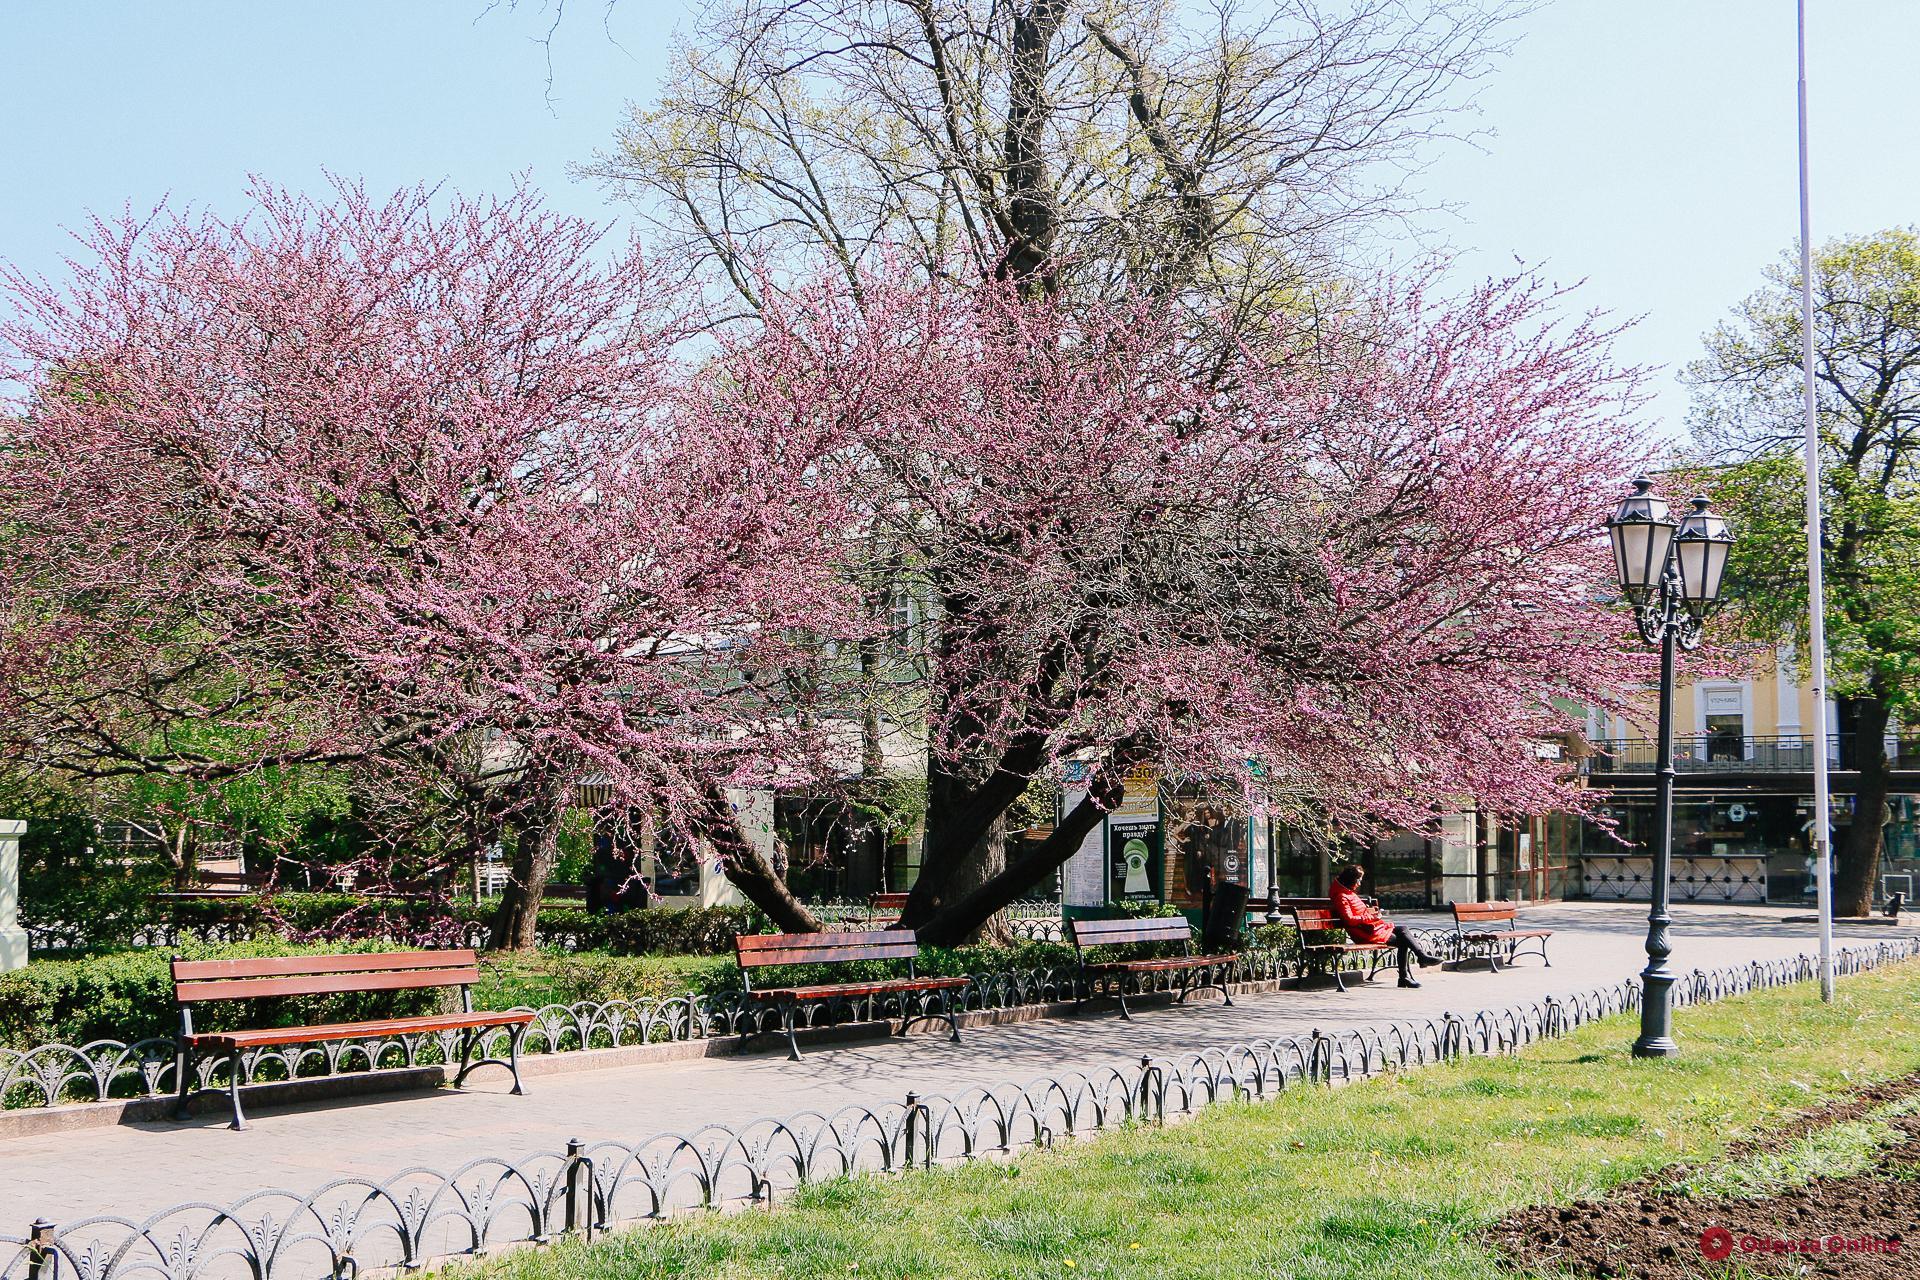 В Горсаду расцвели необыкновенно красивые деревья (фоторепортаж)